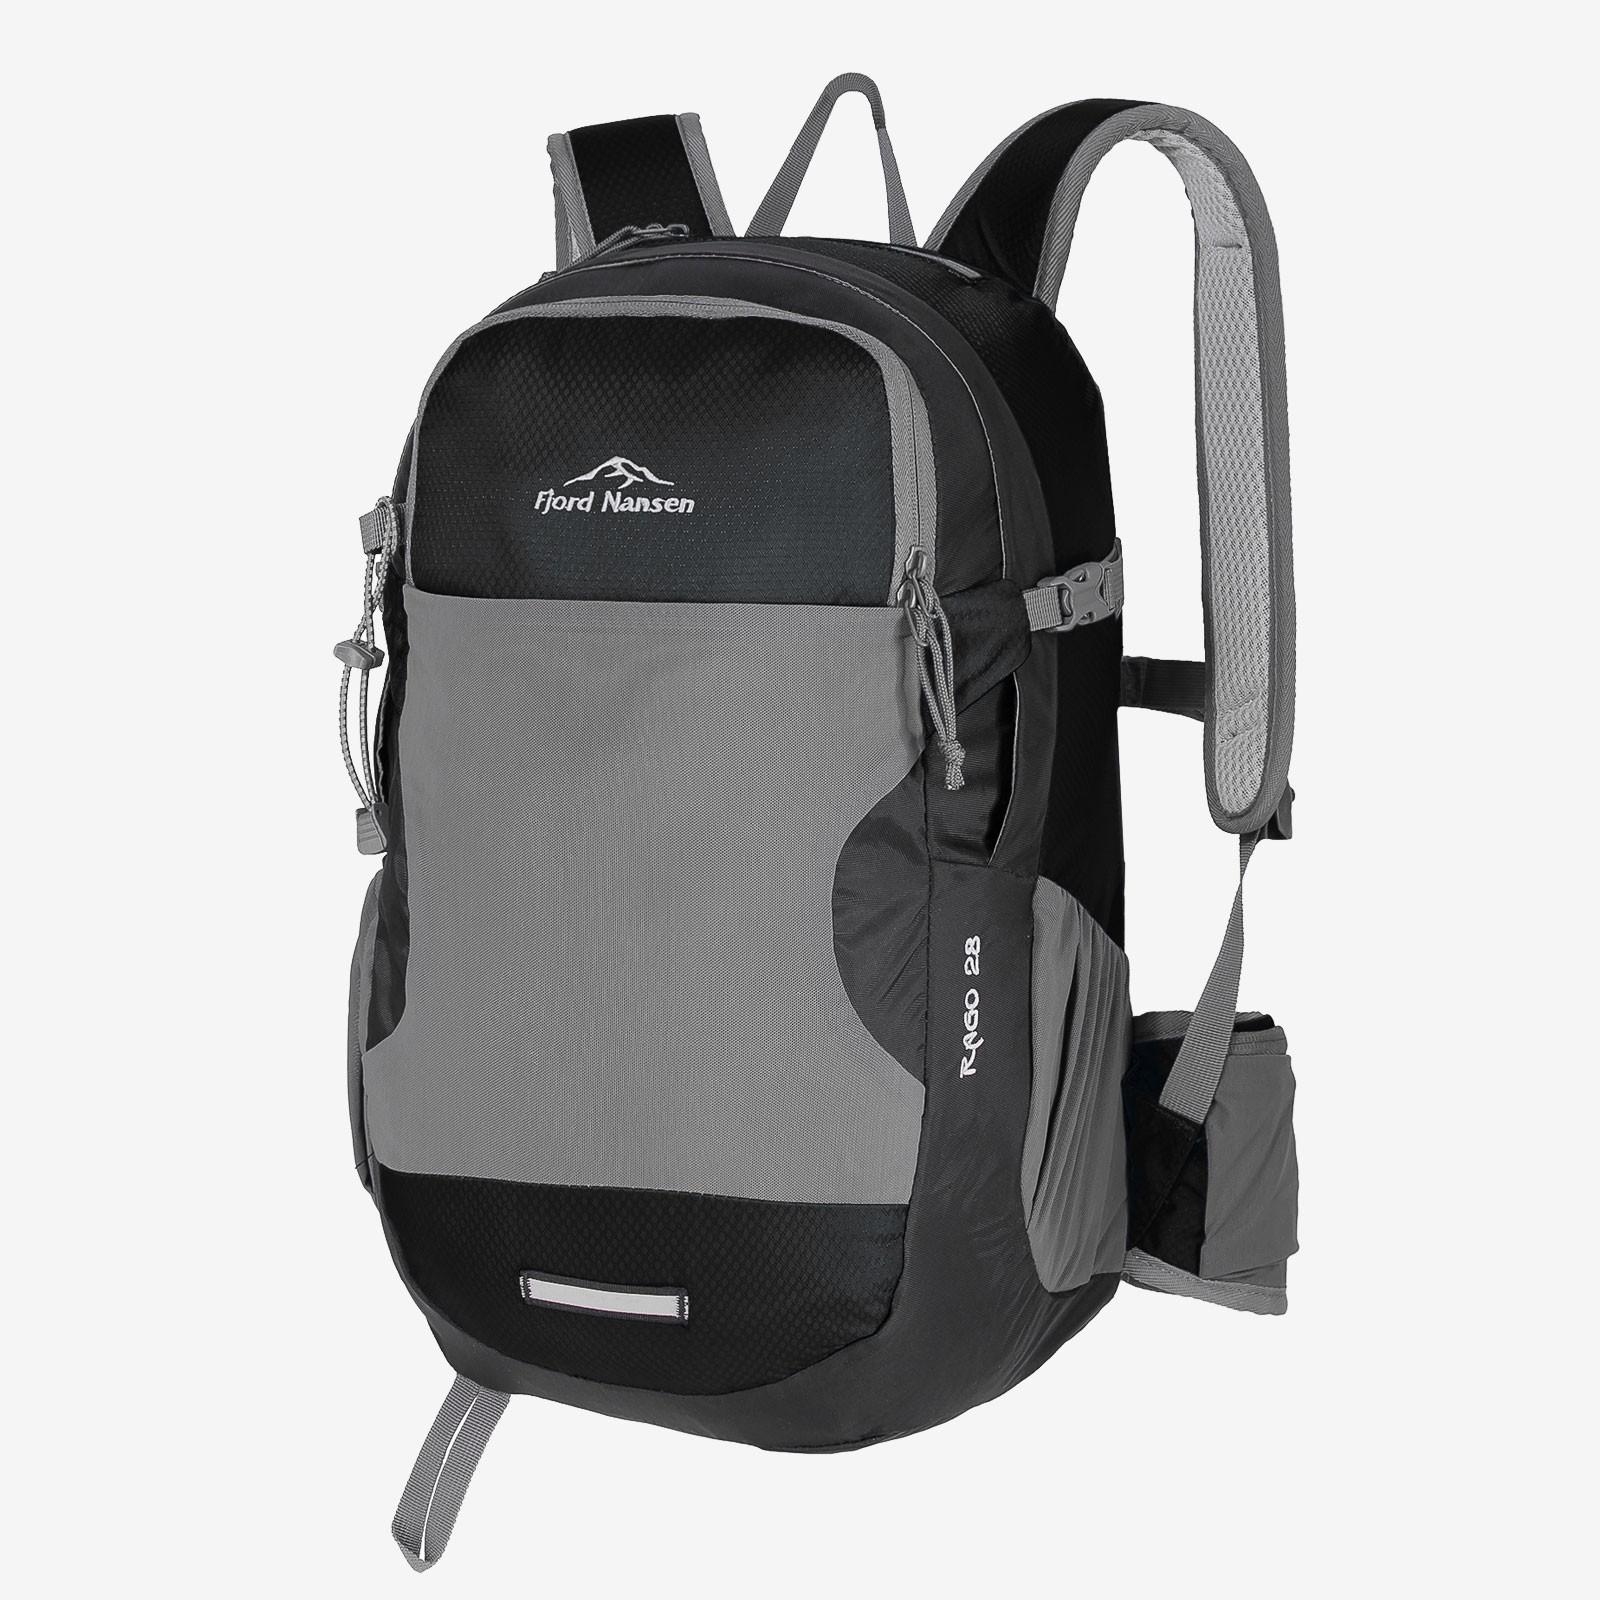 bee0372aa08c1 Plecak RAGO 28 black/black - Paker - Tylko Sprawdzony Sprzęt Turystyczny